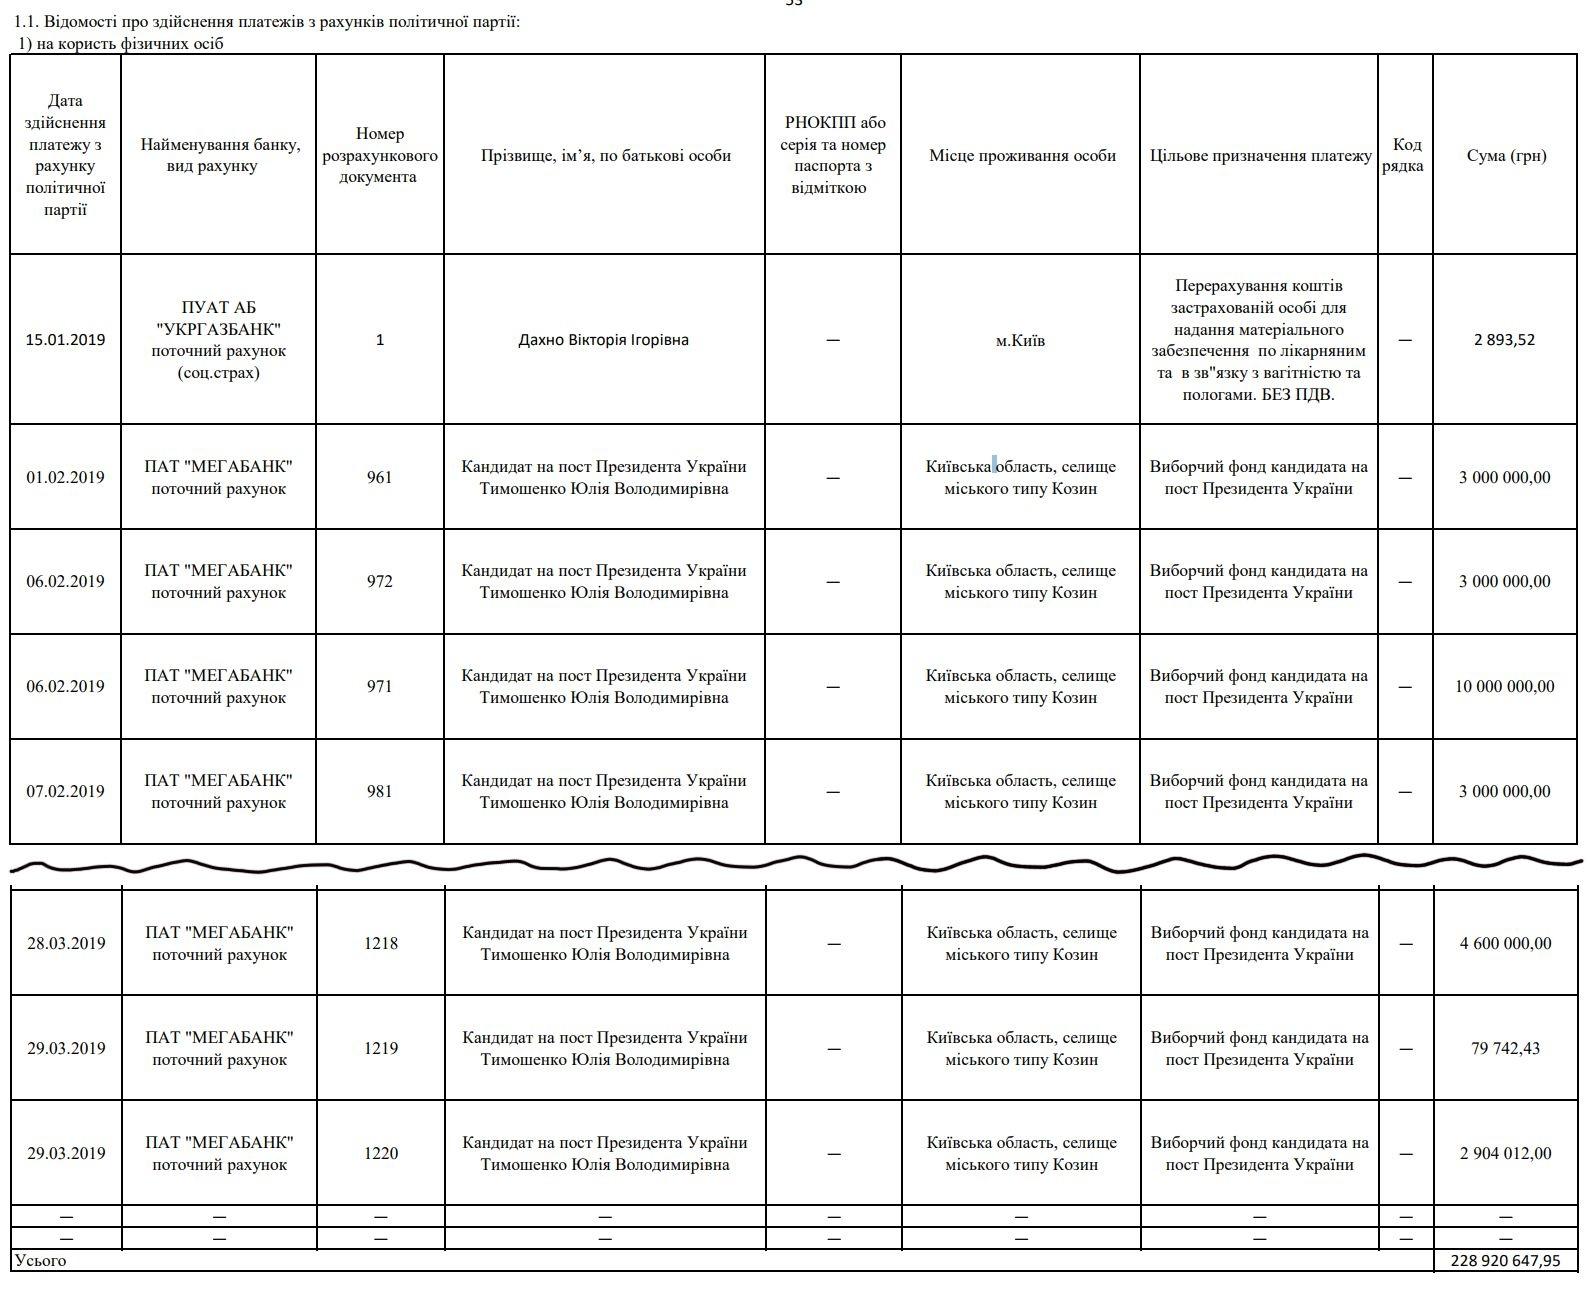 Переведення коштів до виборчого фонду лідерці партії Юлії Тимошенко - найбільший пункт витрат партії